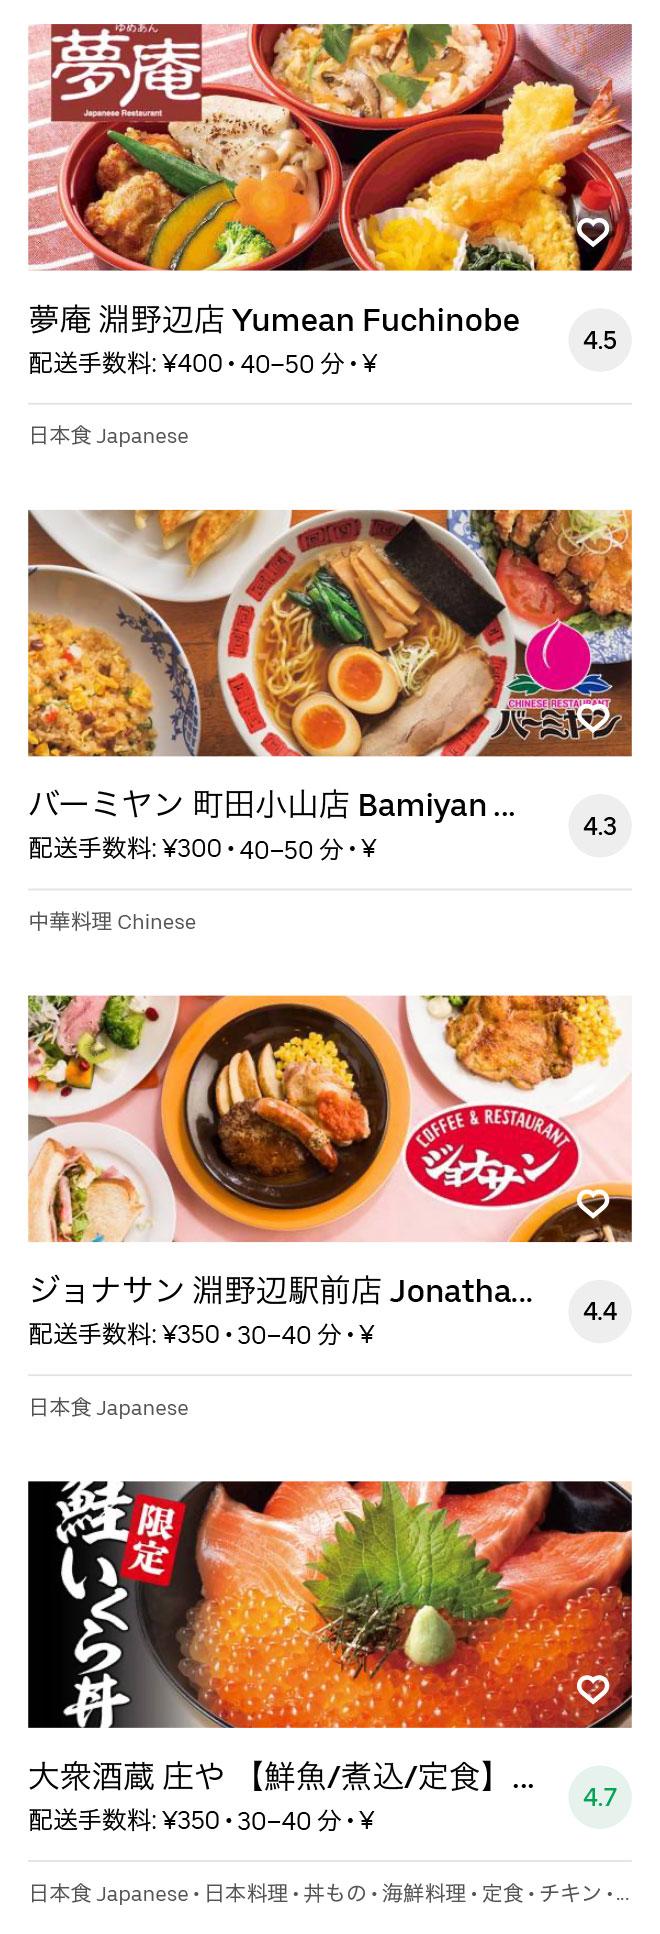 Sagamihara menu 2008 11